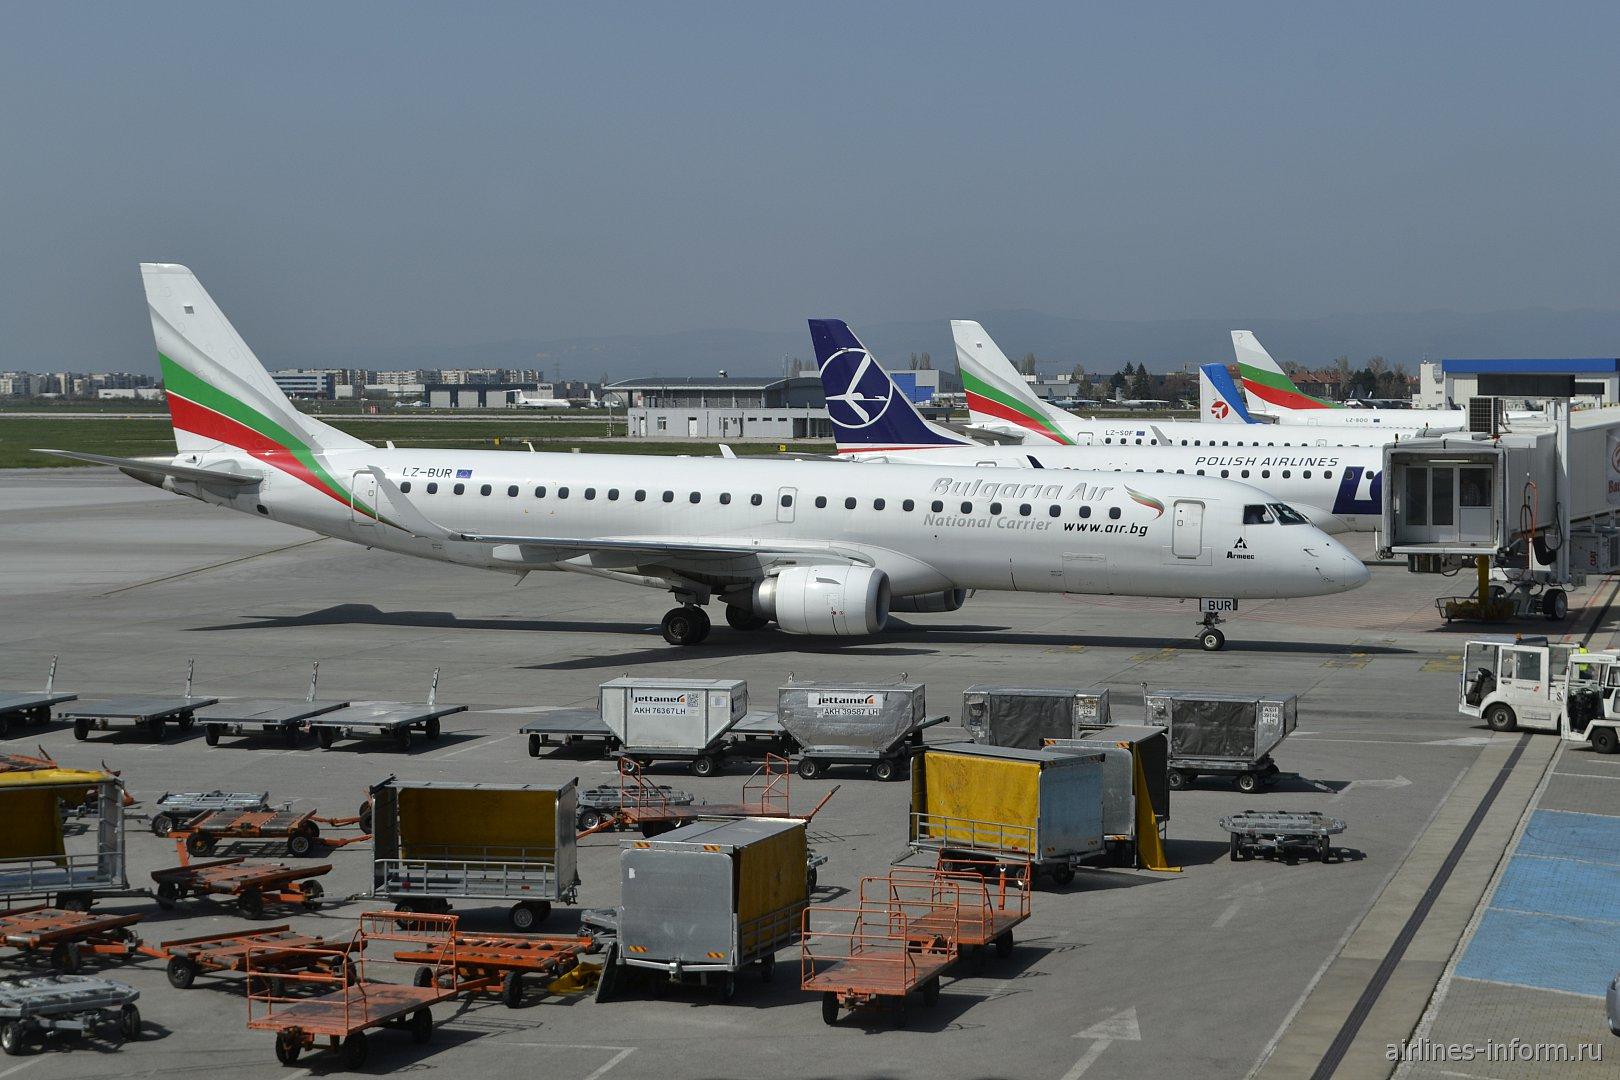 ������� Embraer 190 LZ-BUR ������������ Bulgaria Air � ��������� �����